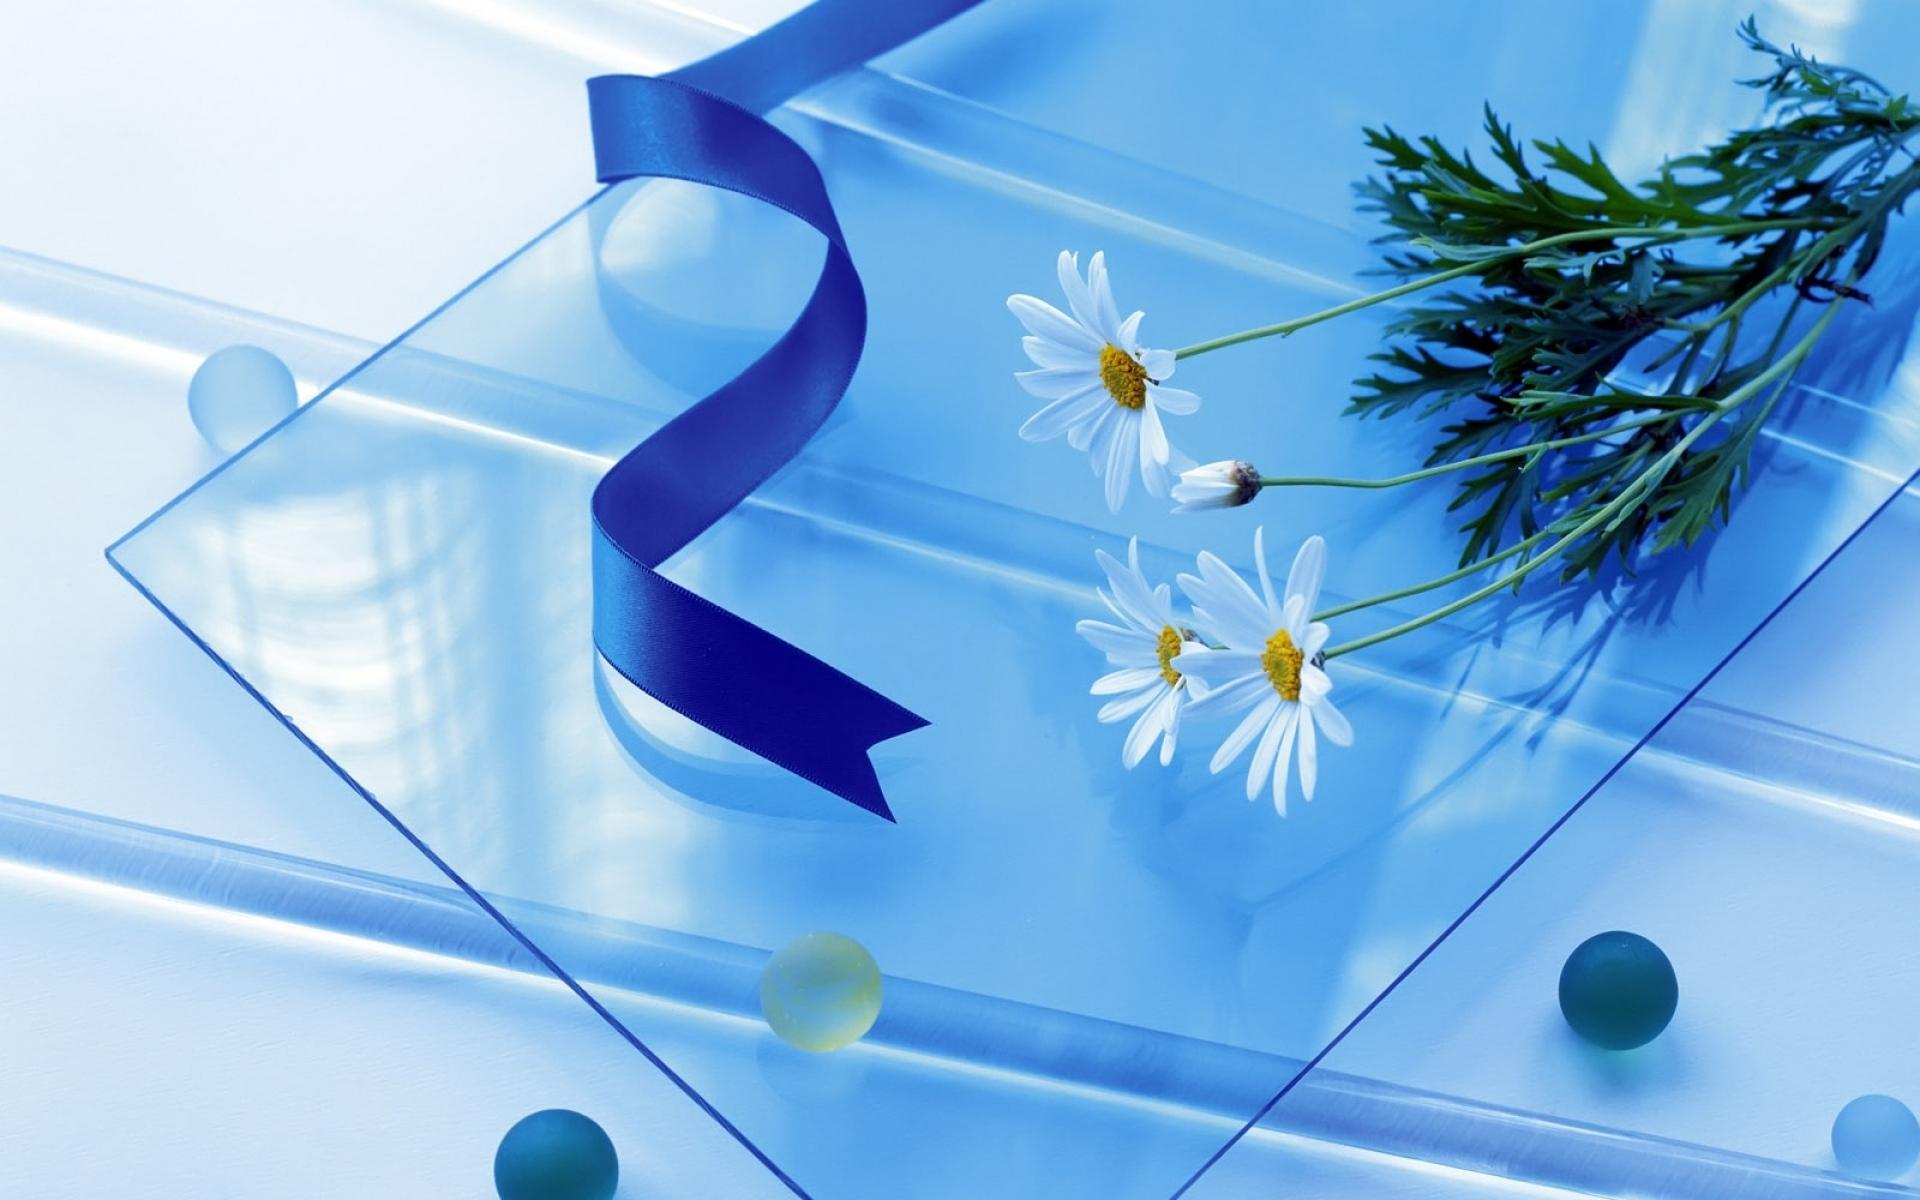 Картинки Ромашка, цветы, стекло, бусы, лента фото и обои на рабочий стол